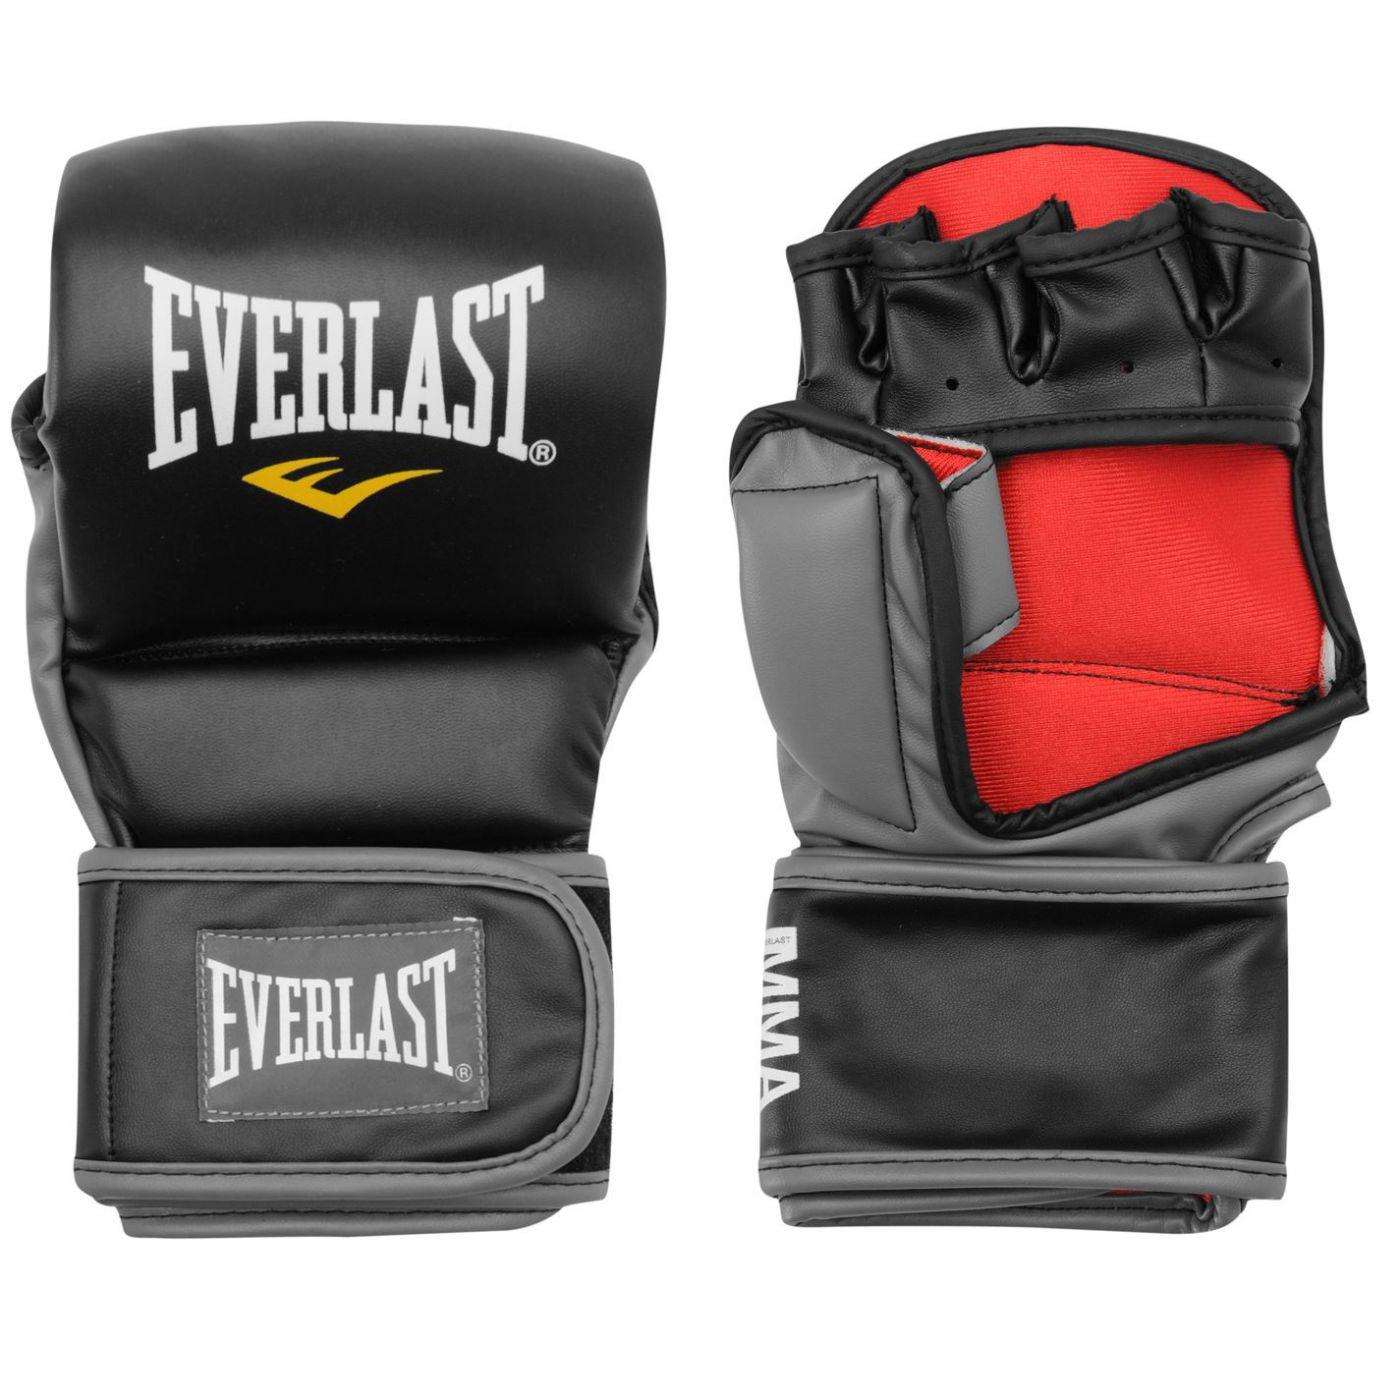 Everlast Strike Training Gloves